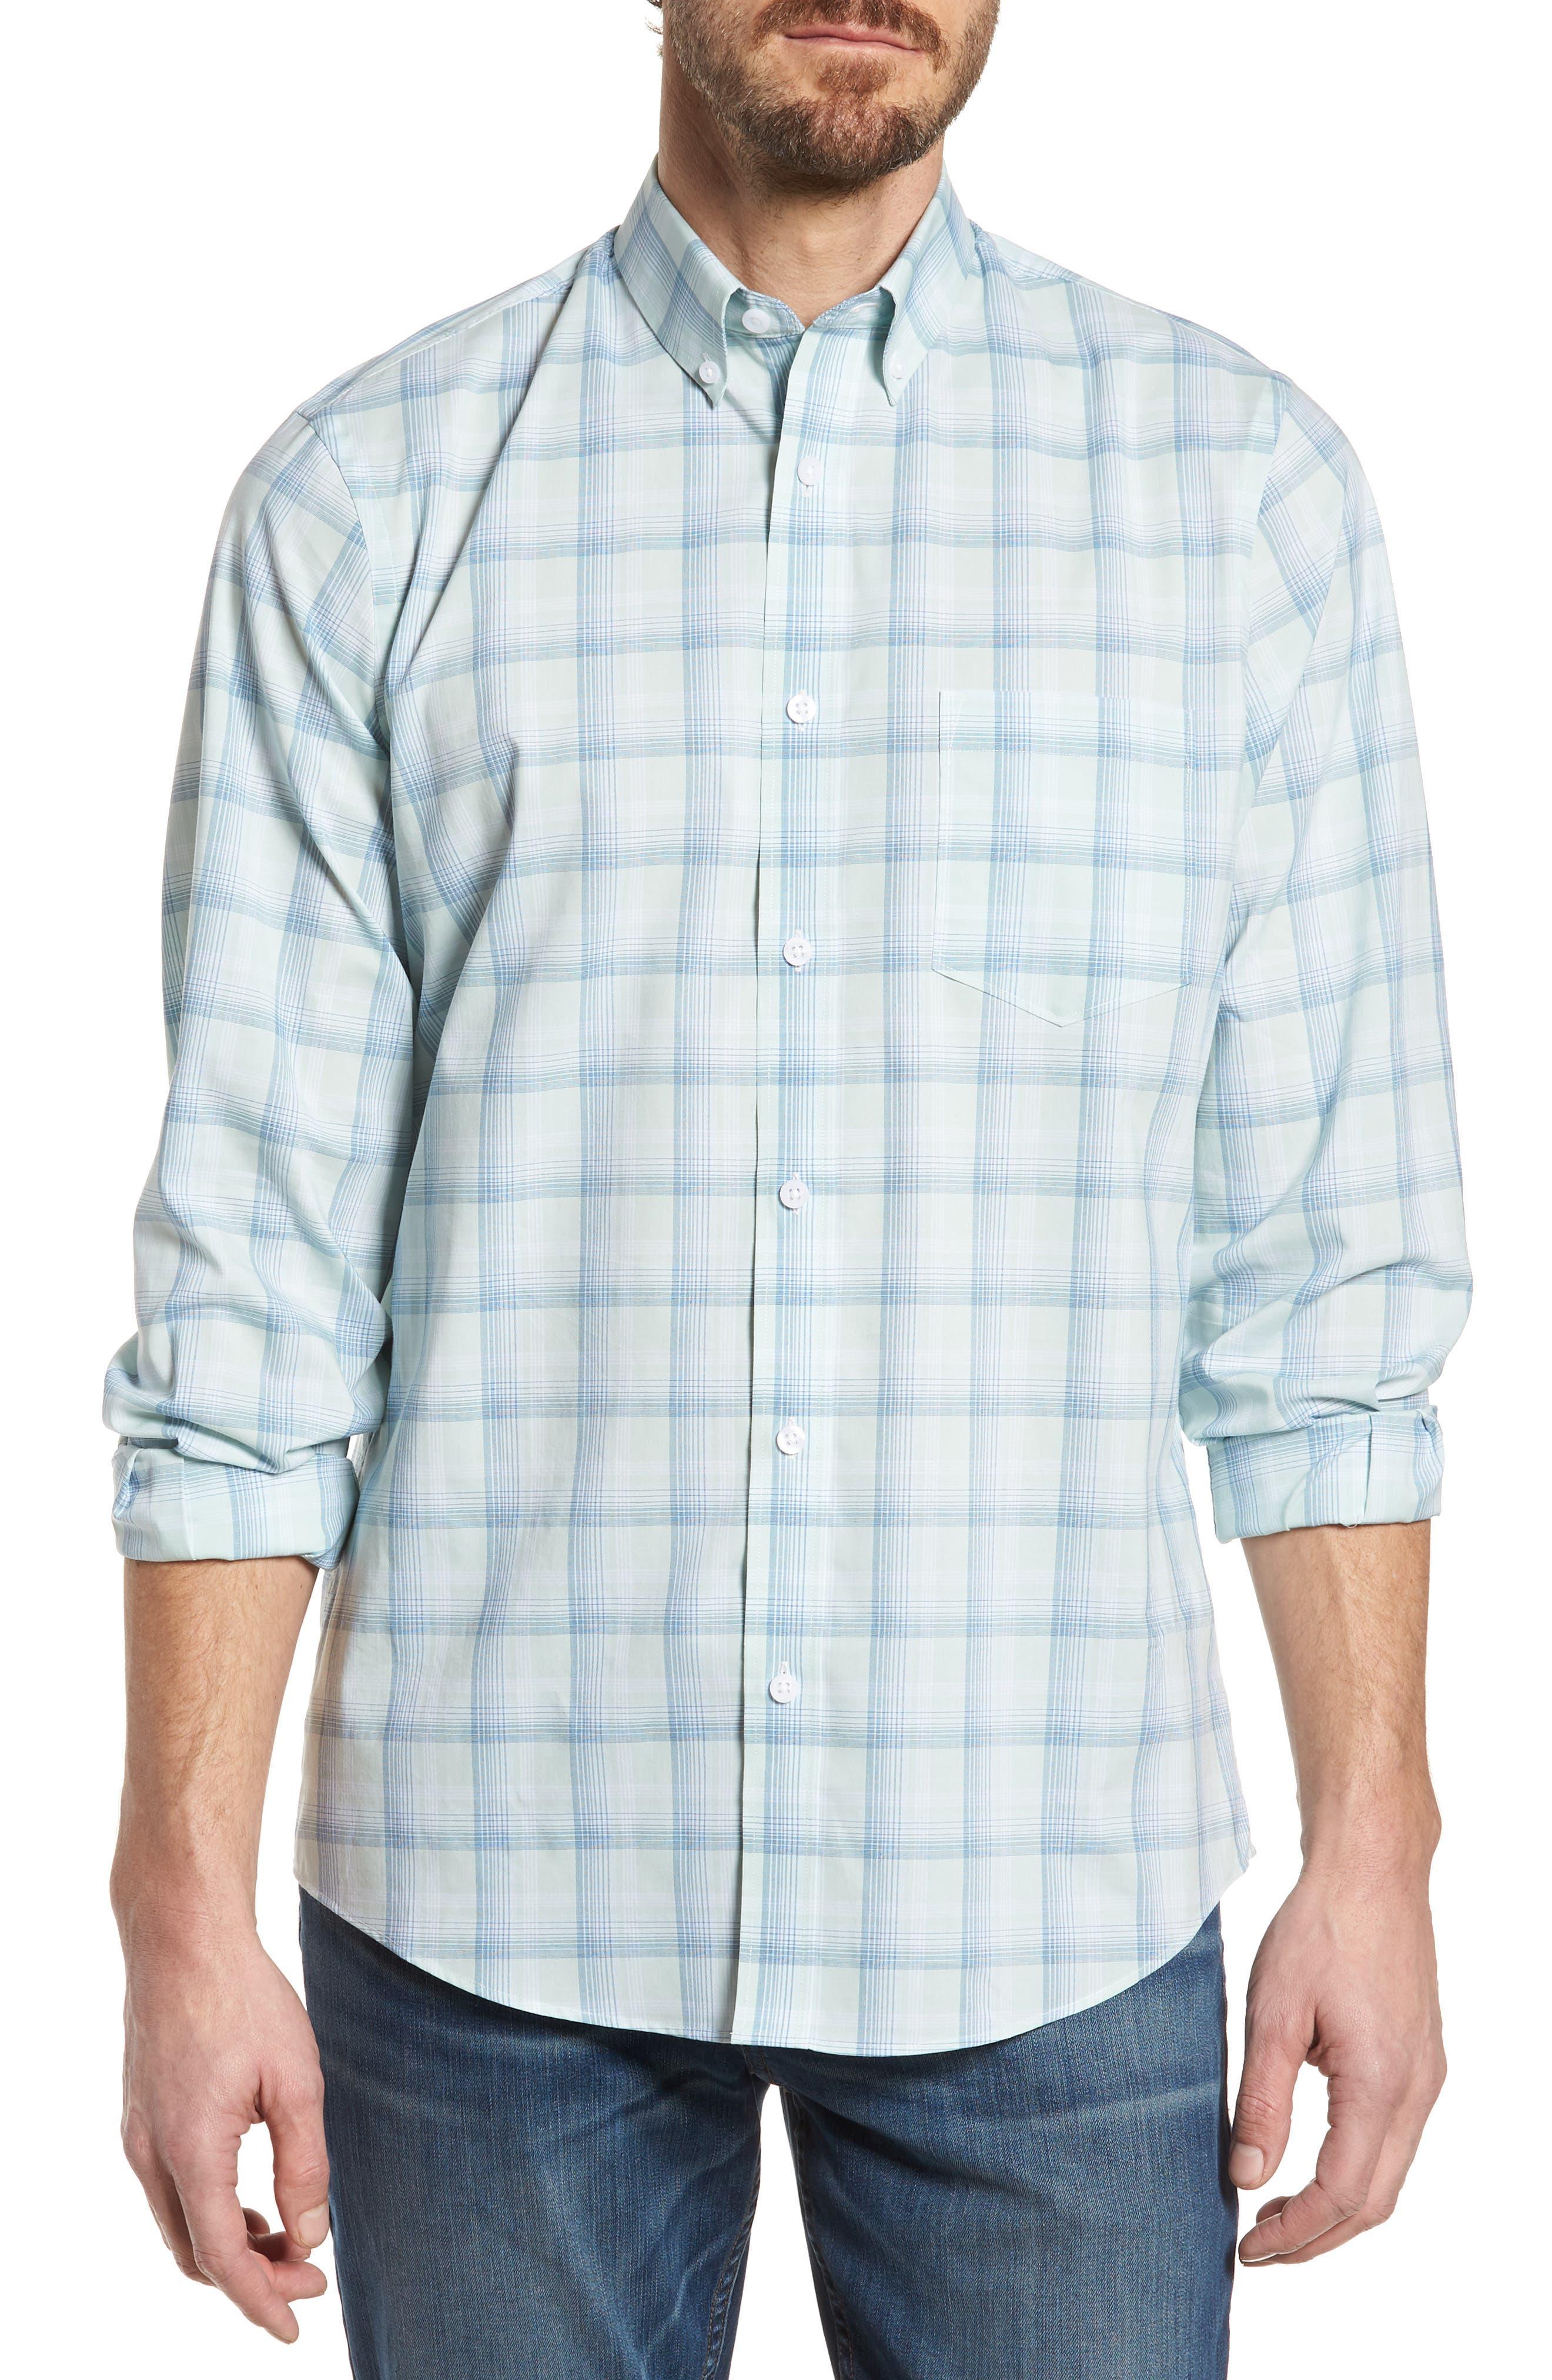 Tech-Smart Regular Fit Plaid Sport Shirt,                         Main,                         color, Teal Surf Blue Plaid